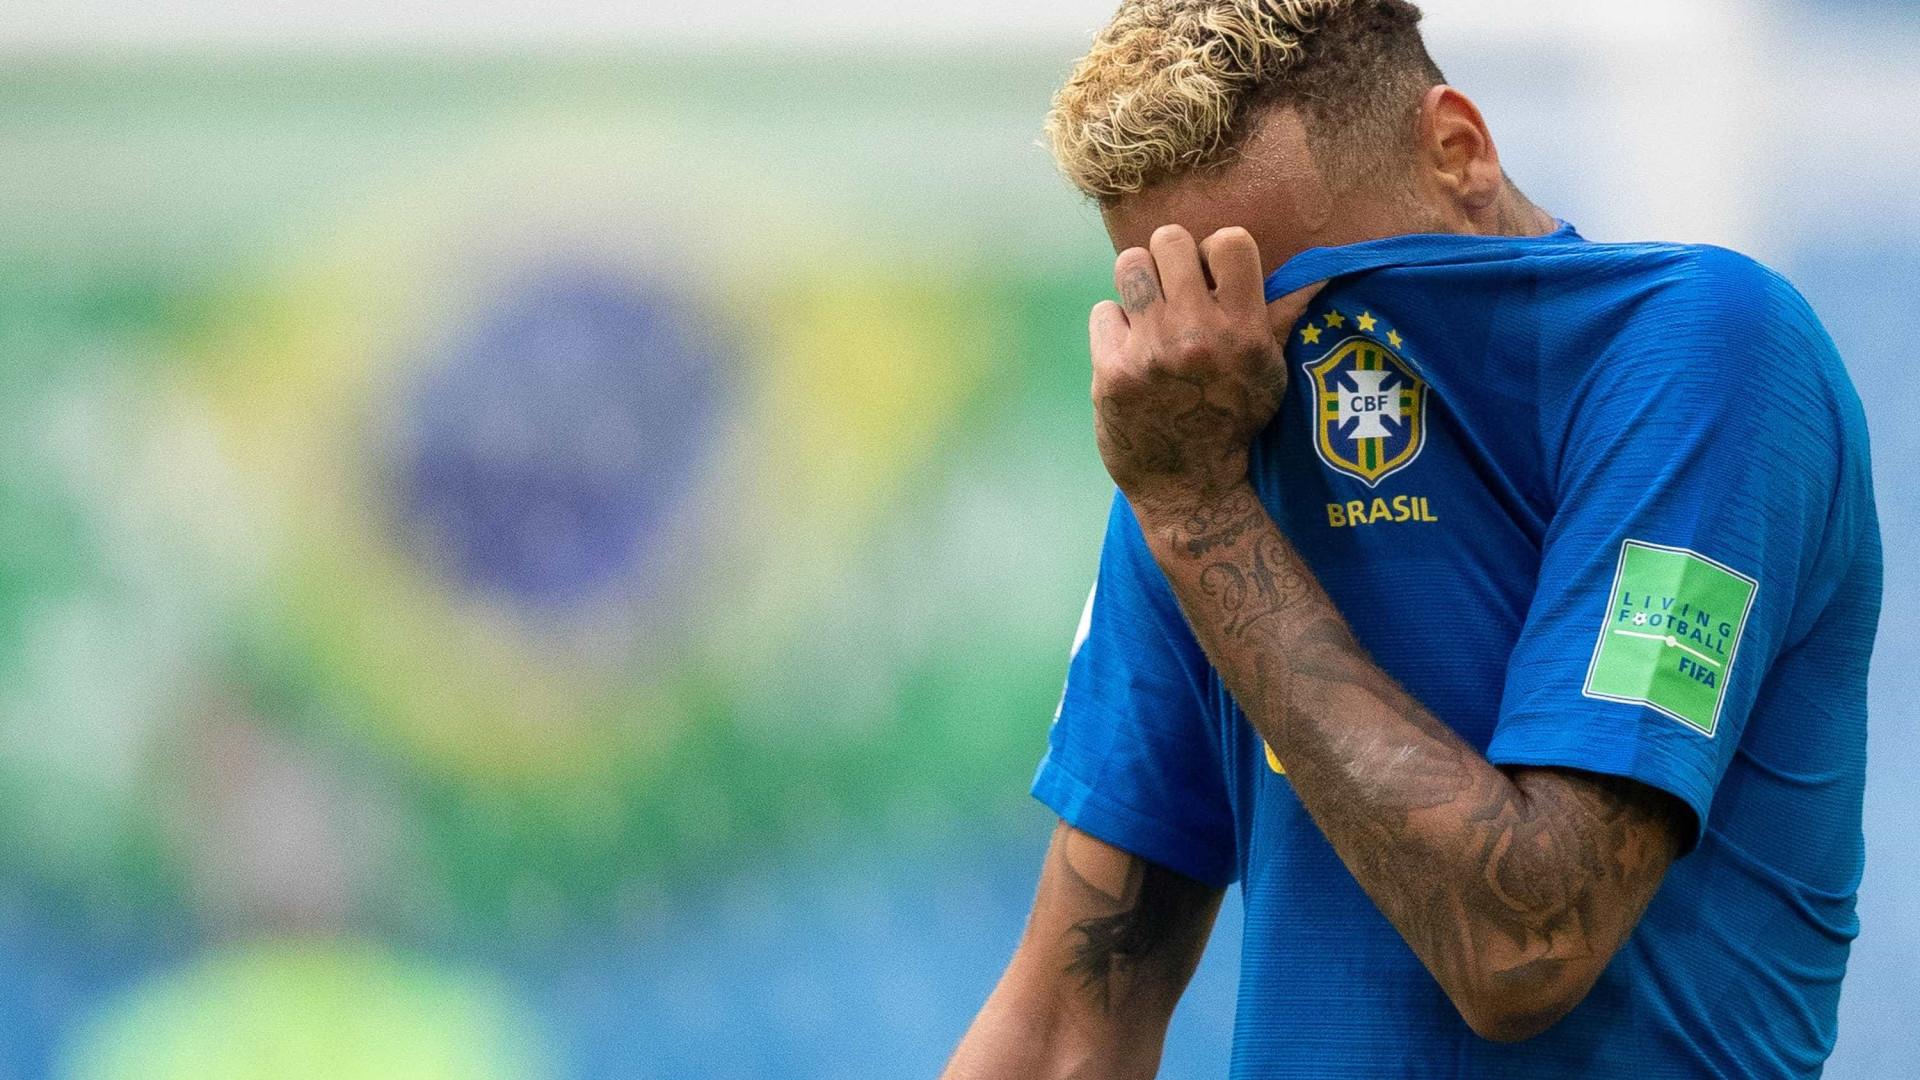 Após gol, Neymar posta 'textão' na internet: 'Falar até papagaio fala'